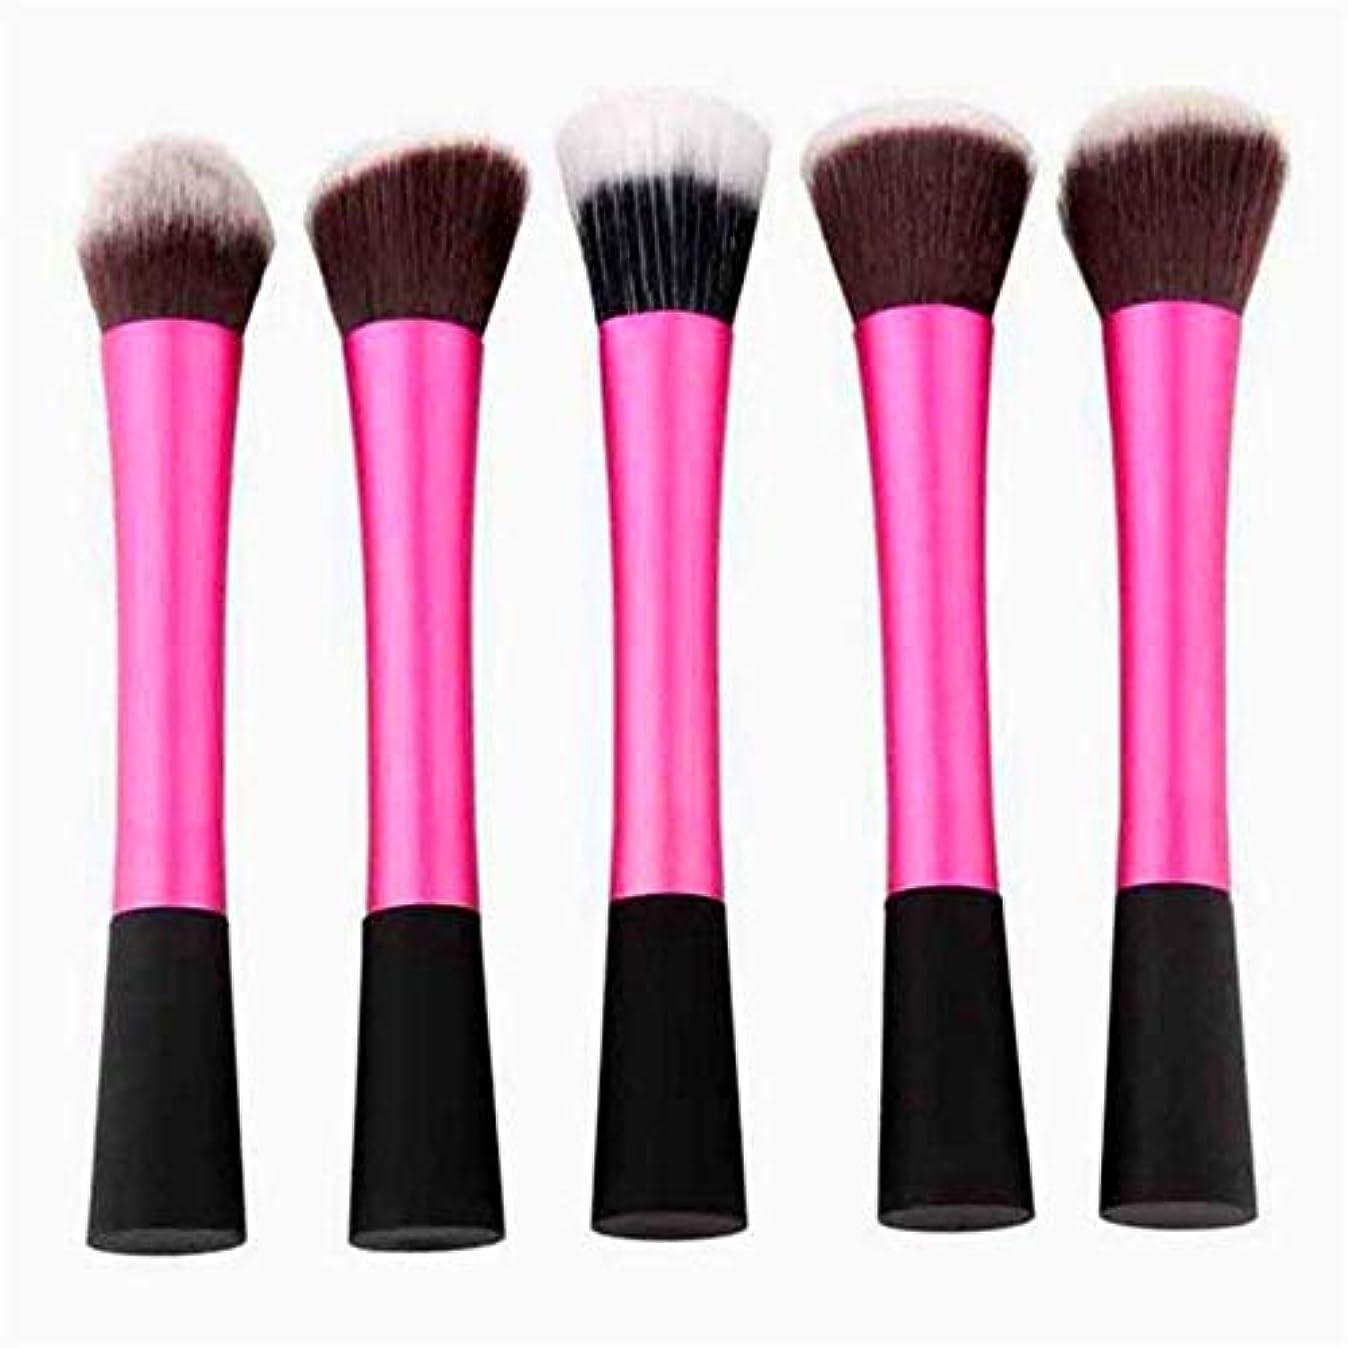 概要影響する望ましいMakeup brushes 5ピースピンクメイクアップブラシセット熟したアイドルパウダーブラシアイシャドウブラシ輪郭ブラシ suits (Color : Pink)